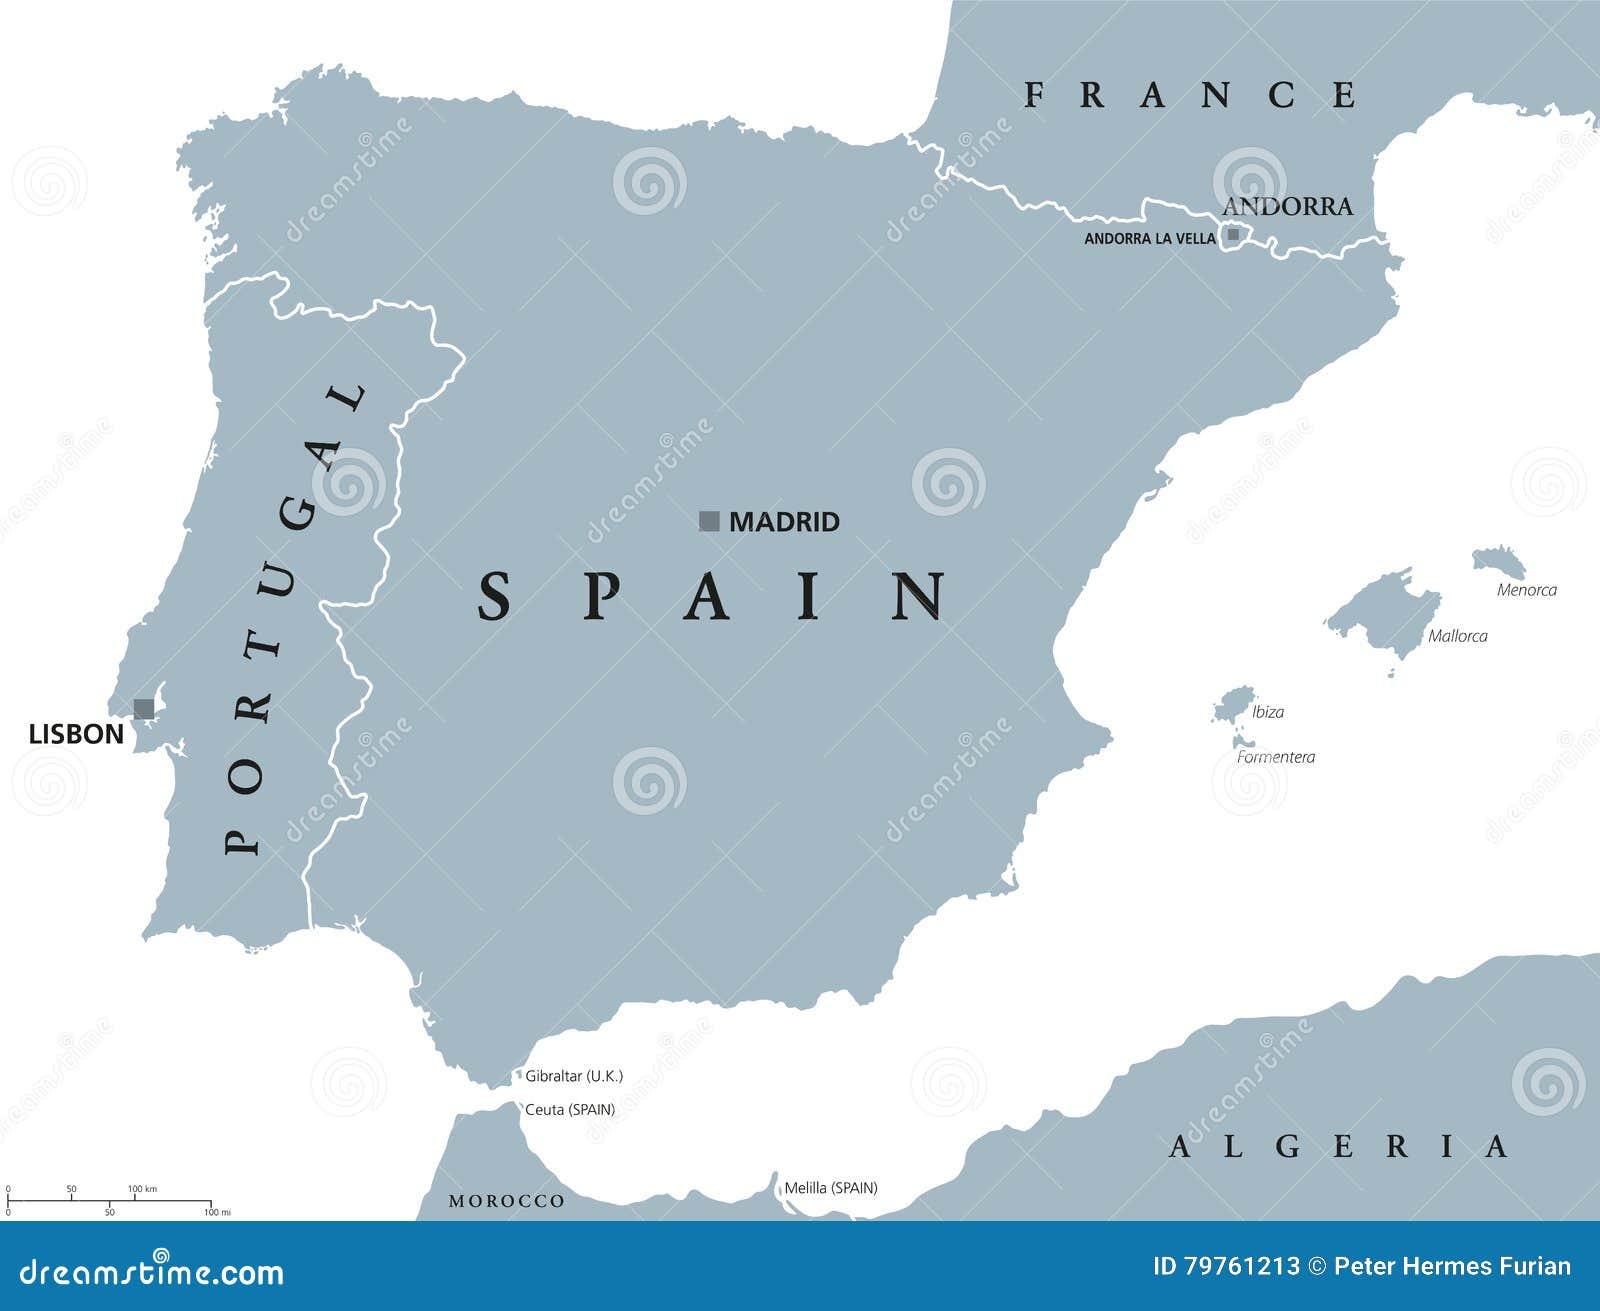 Cartina Portogallo E Spagna.Mappa Politica Della Spagna E Del Portogallo Illustrazione Vettoriale Illustrazione Di Terra Andorra 79761213